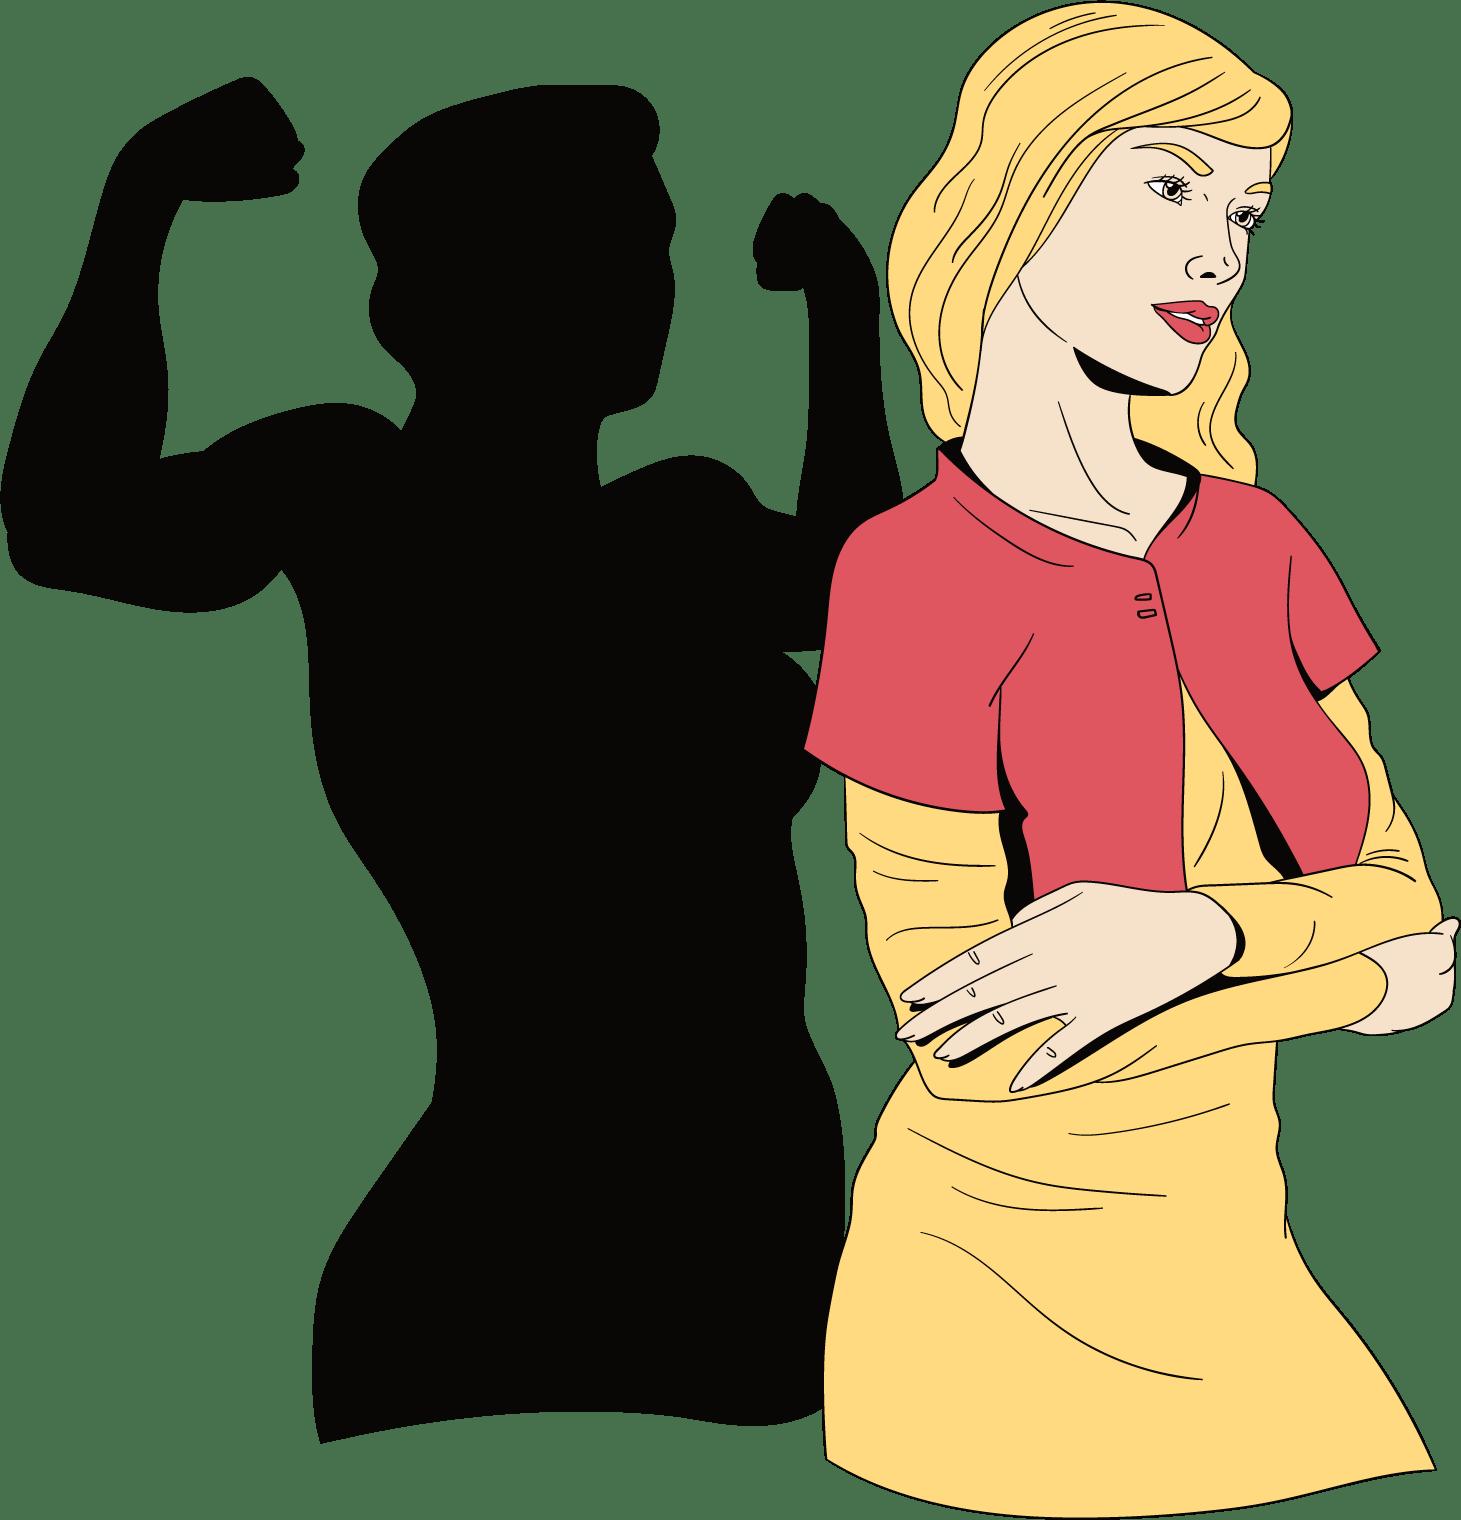 Een sterke vrouw met spierballen schaduw